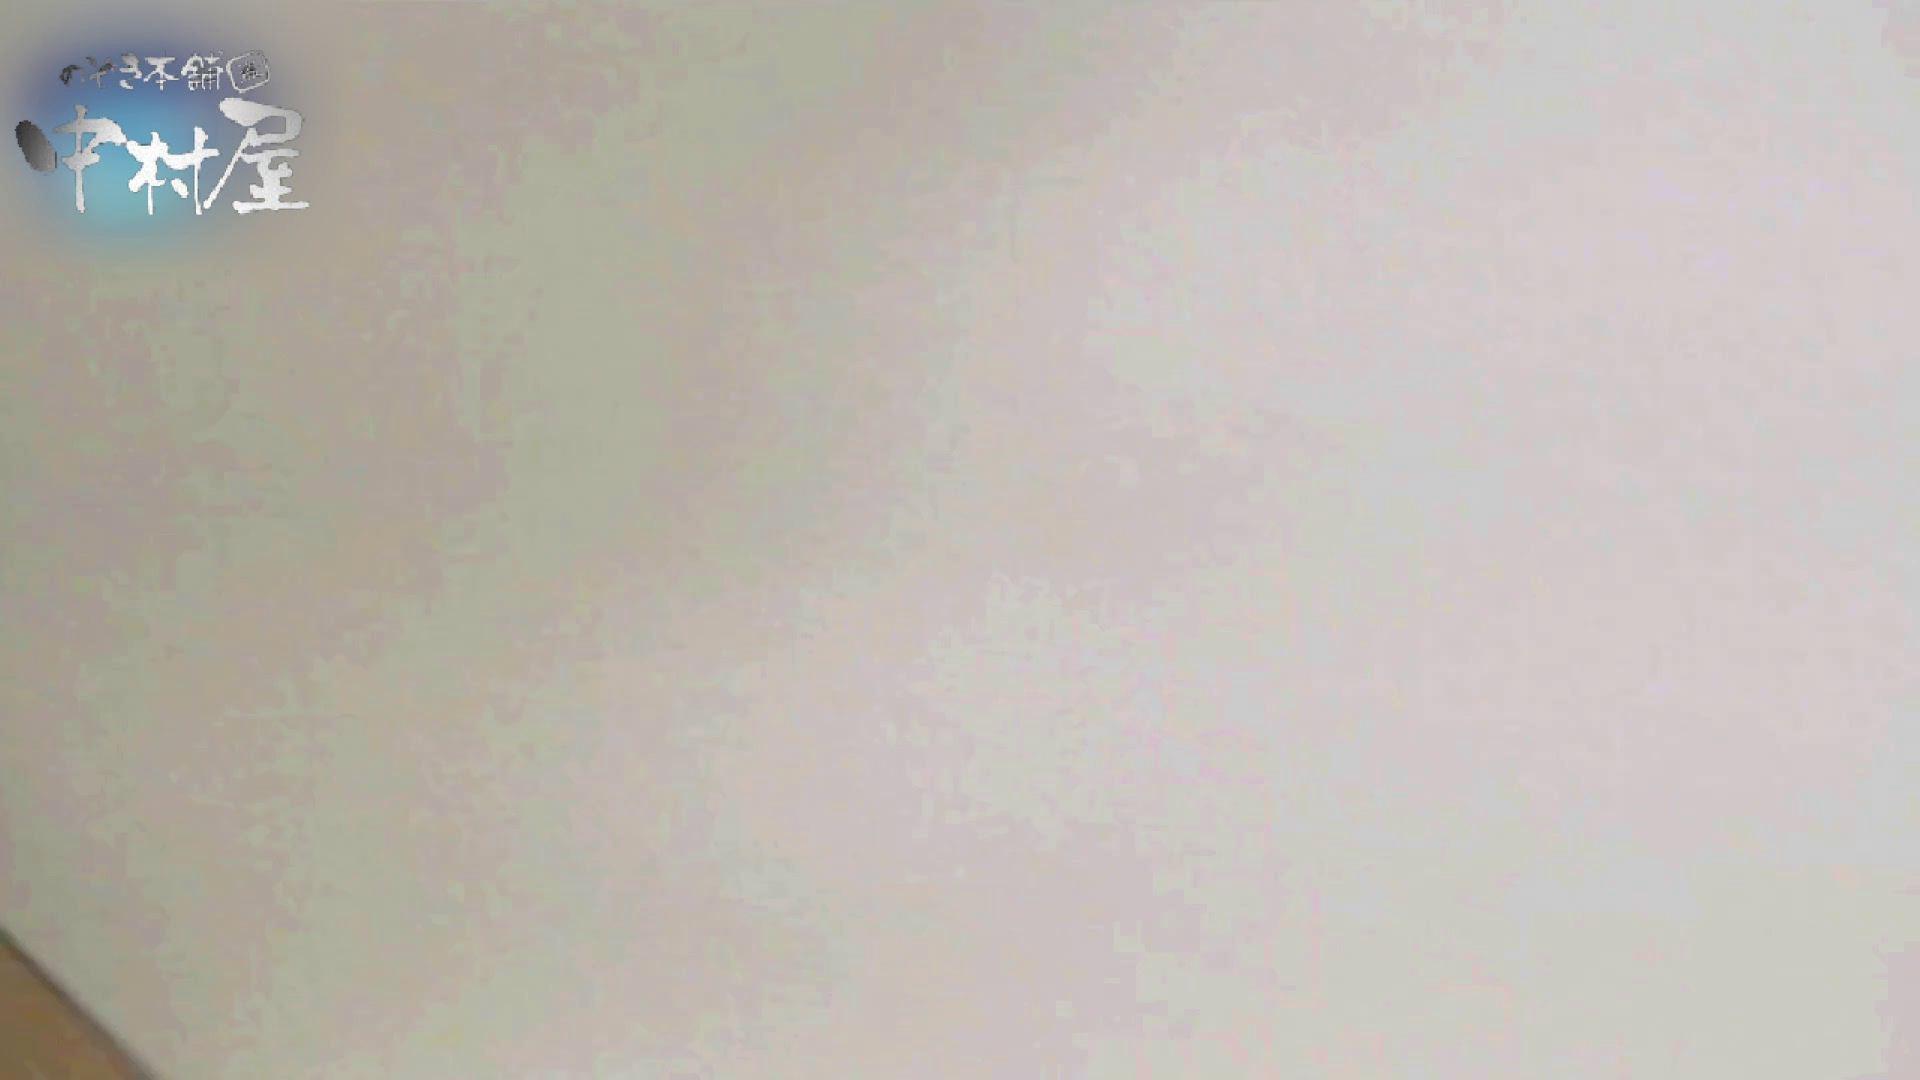 乙女集まる!ショッピングモール潜入撮vol.11 丸見え AV無料動画キャプチャ 78pic 65